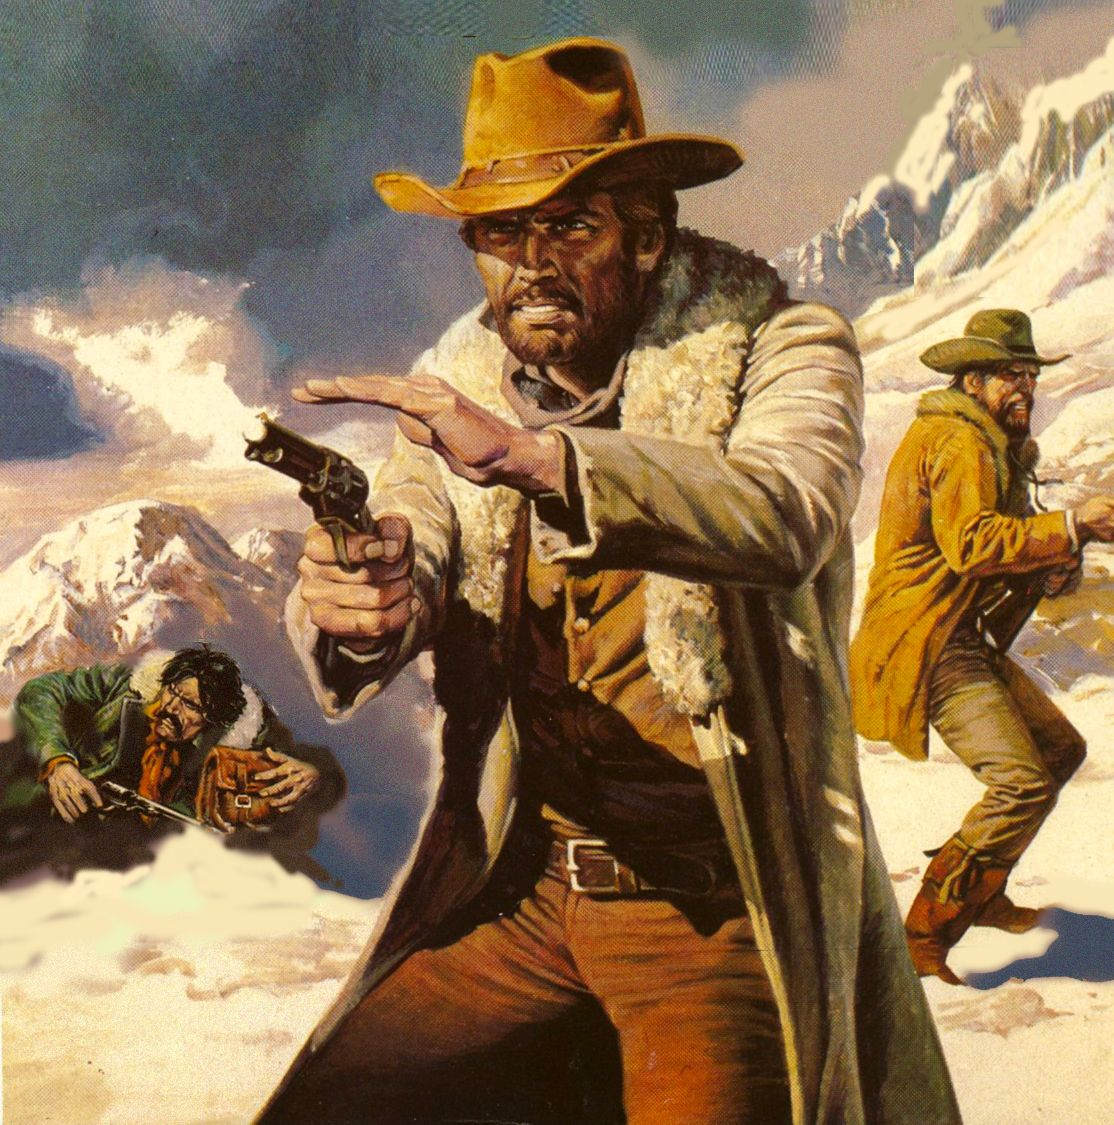 Картинки ковбоев дикого запада смешные